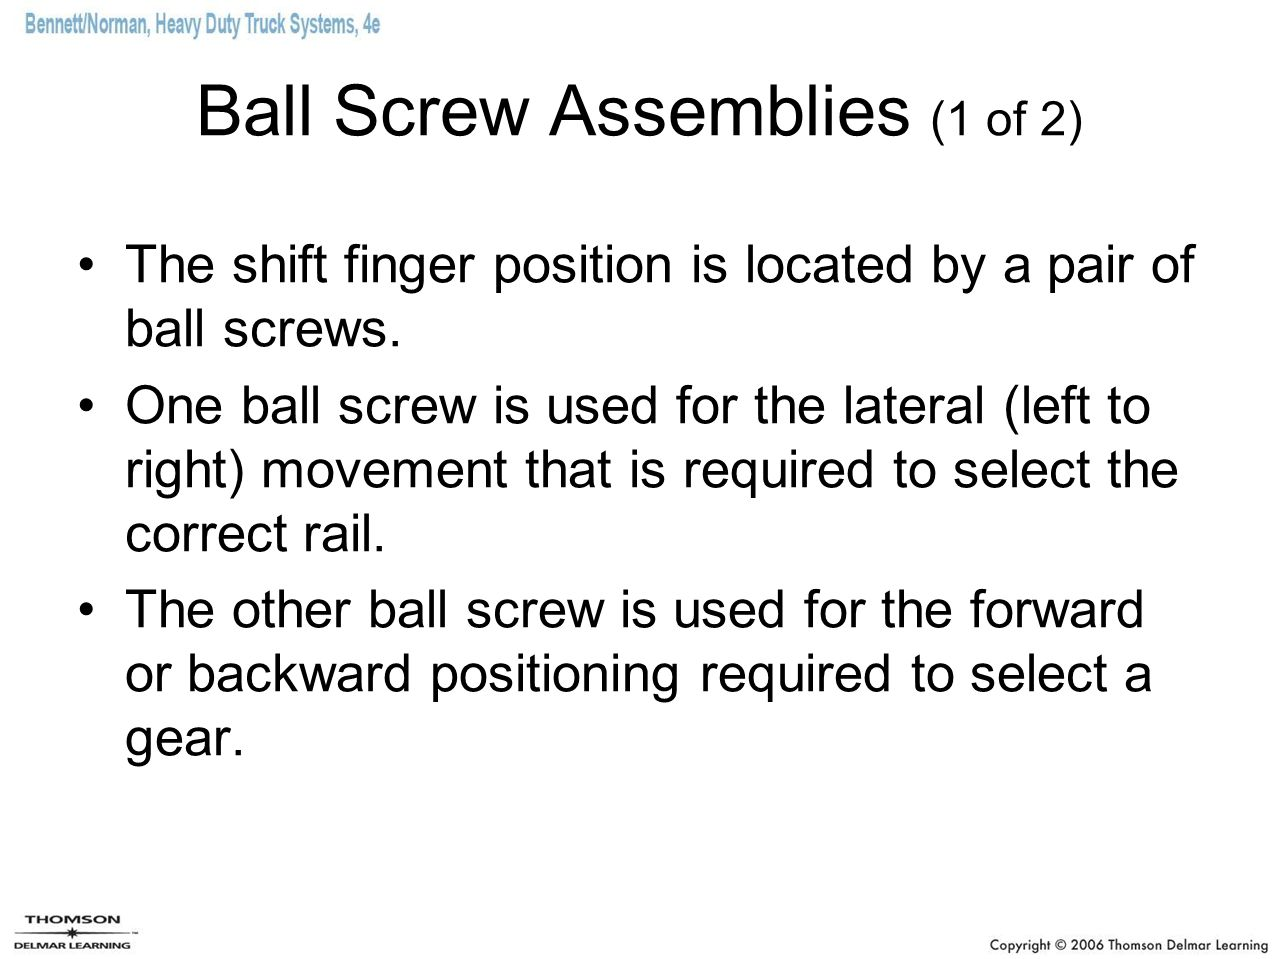 Ball Screw Assemblies (1 of 2)